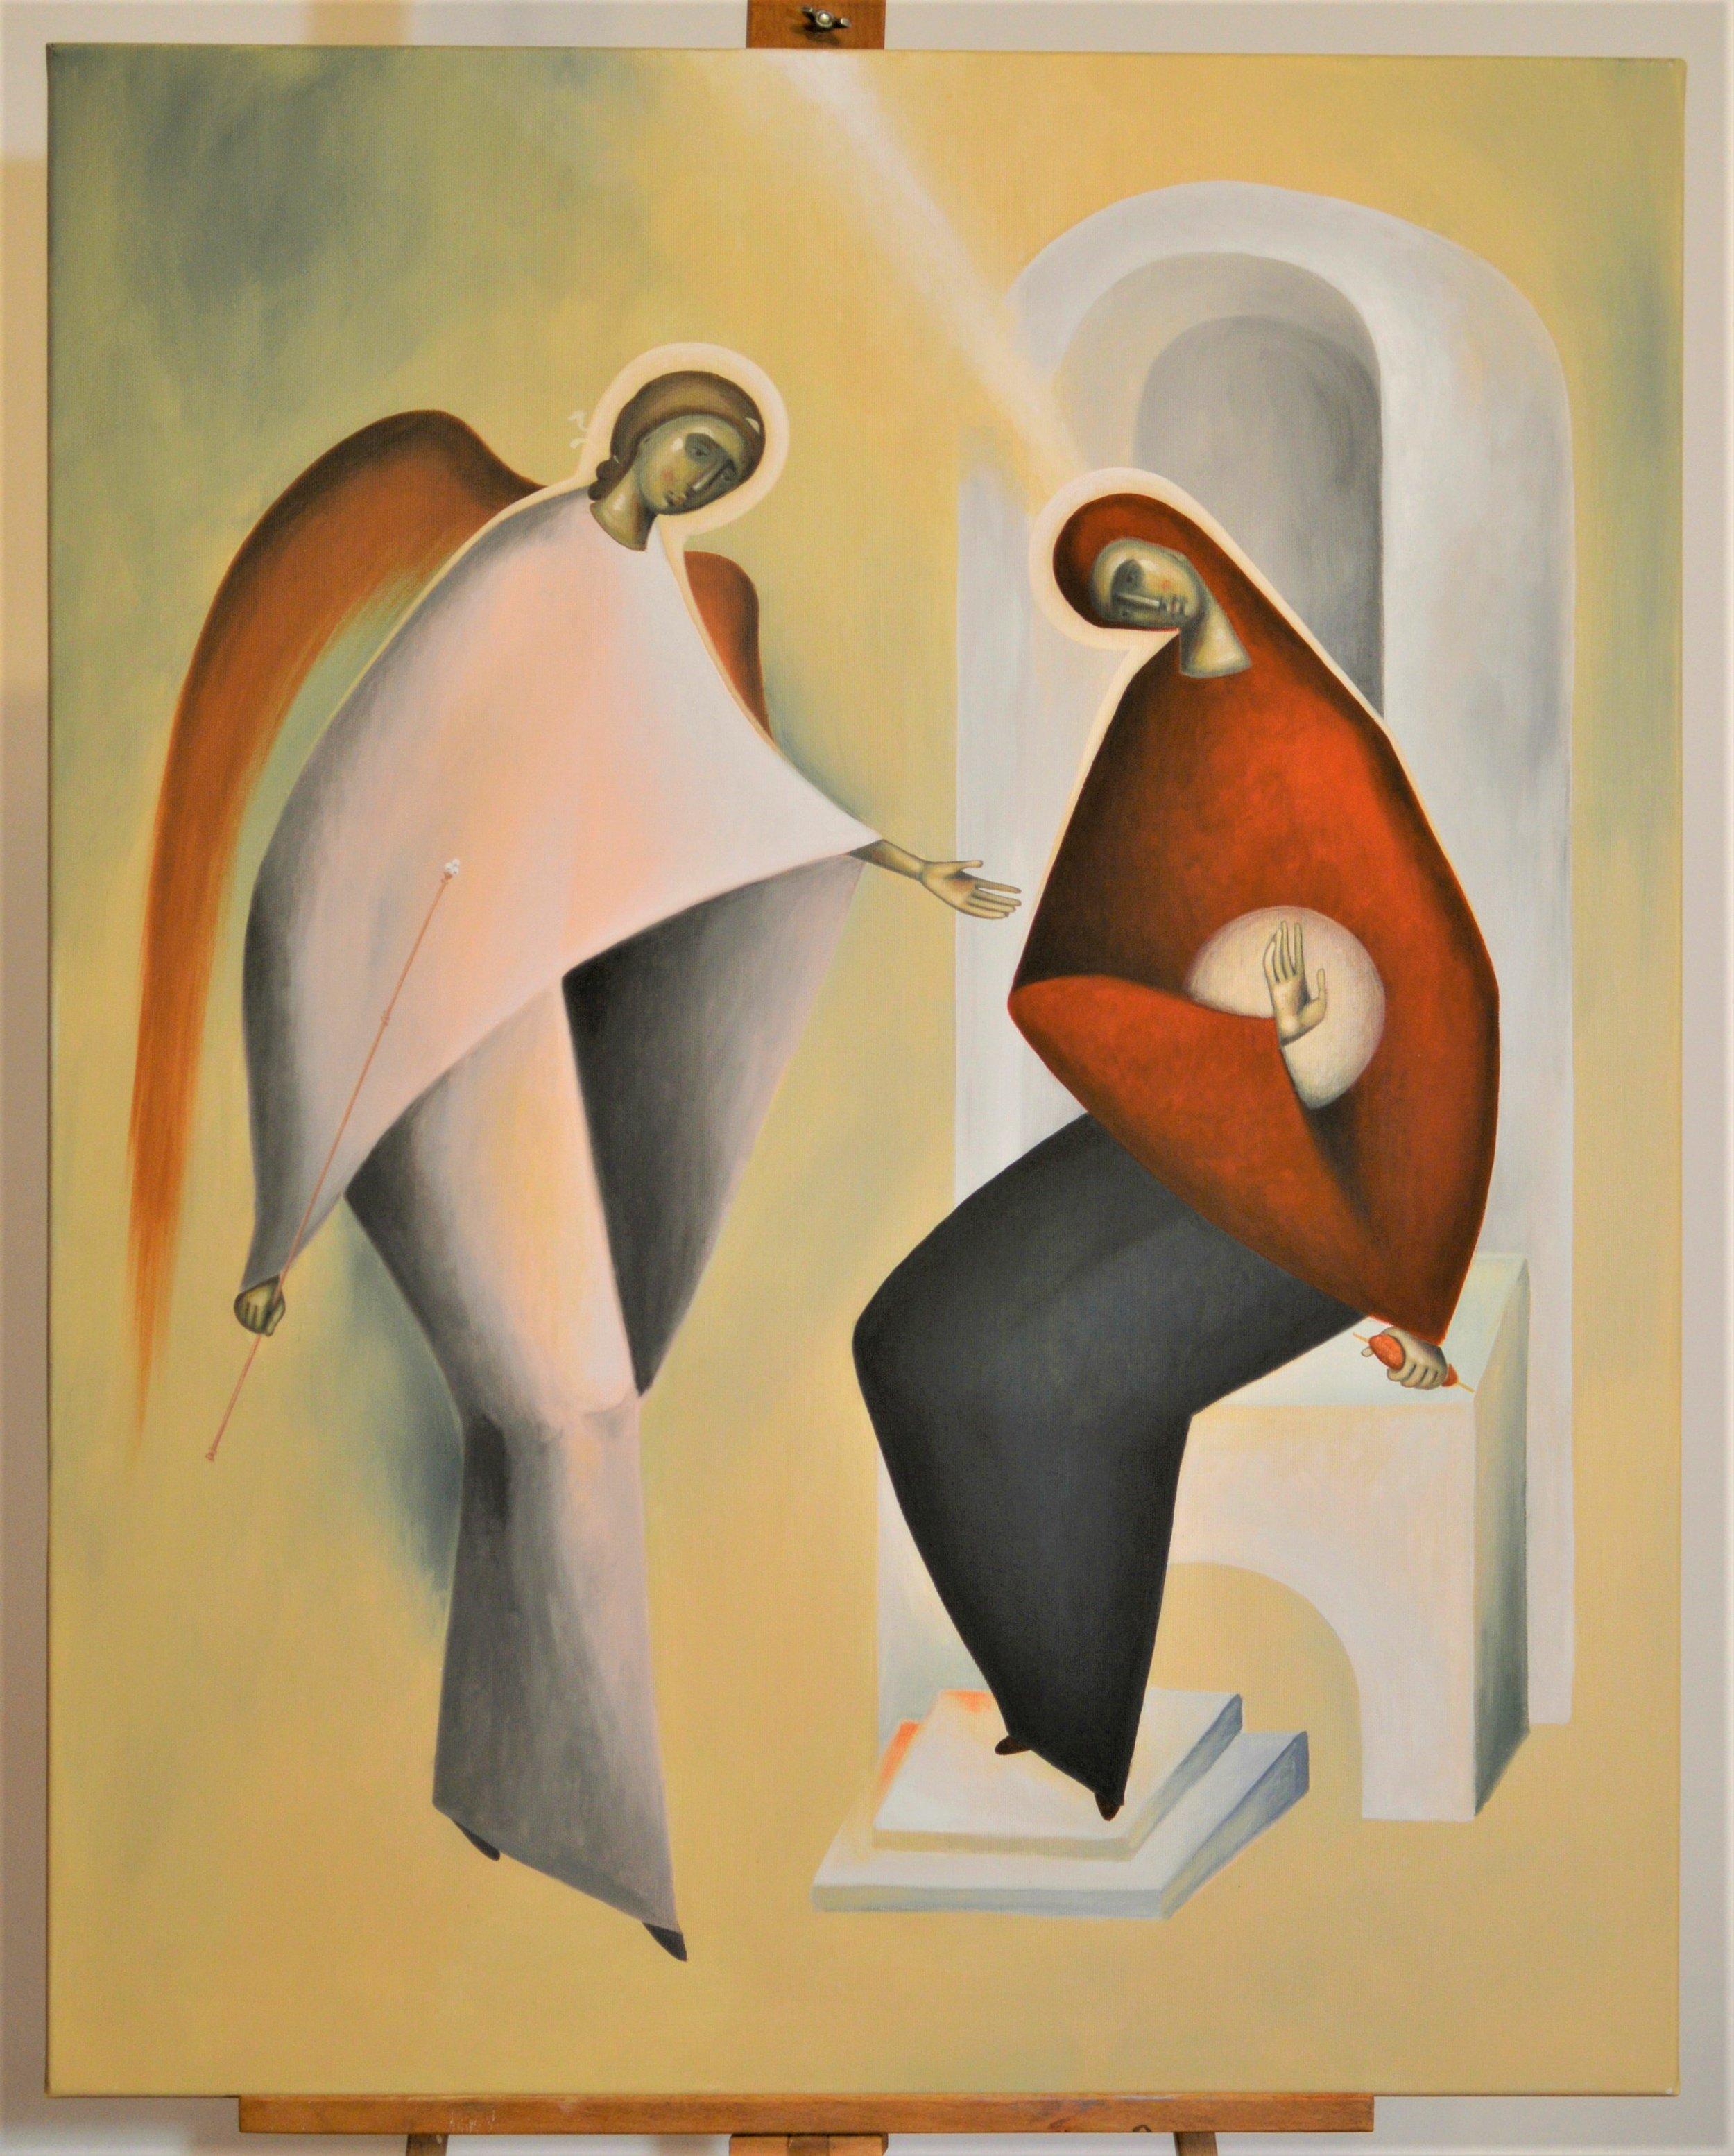 The Annunciation, Liviu Dumetrescu